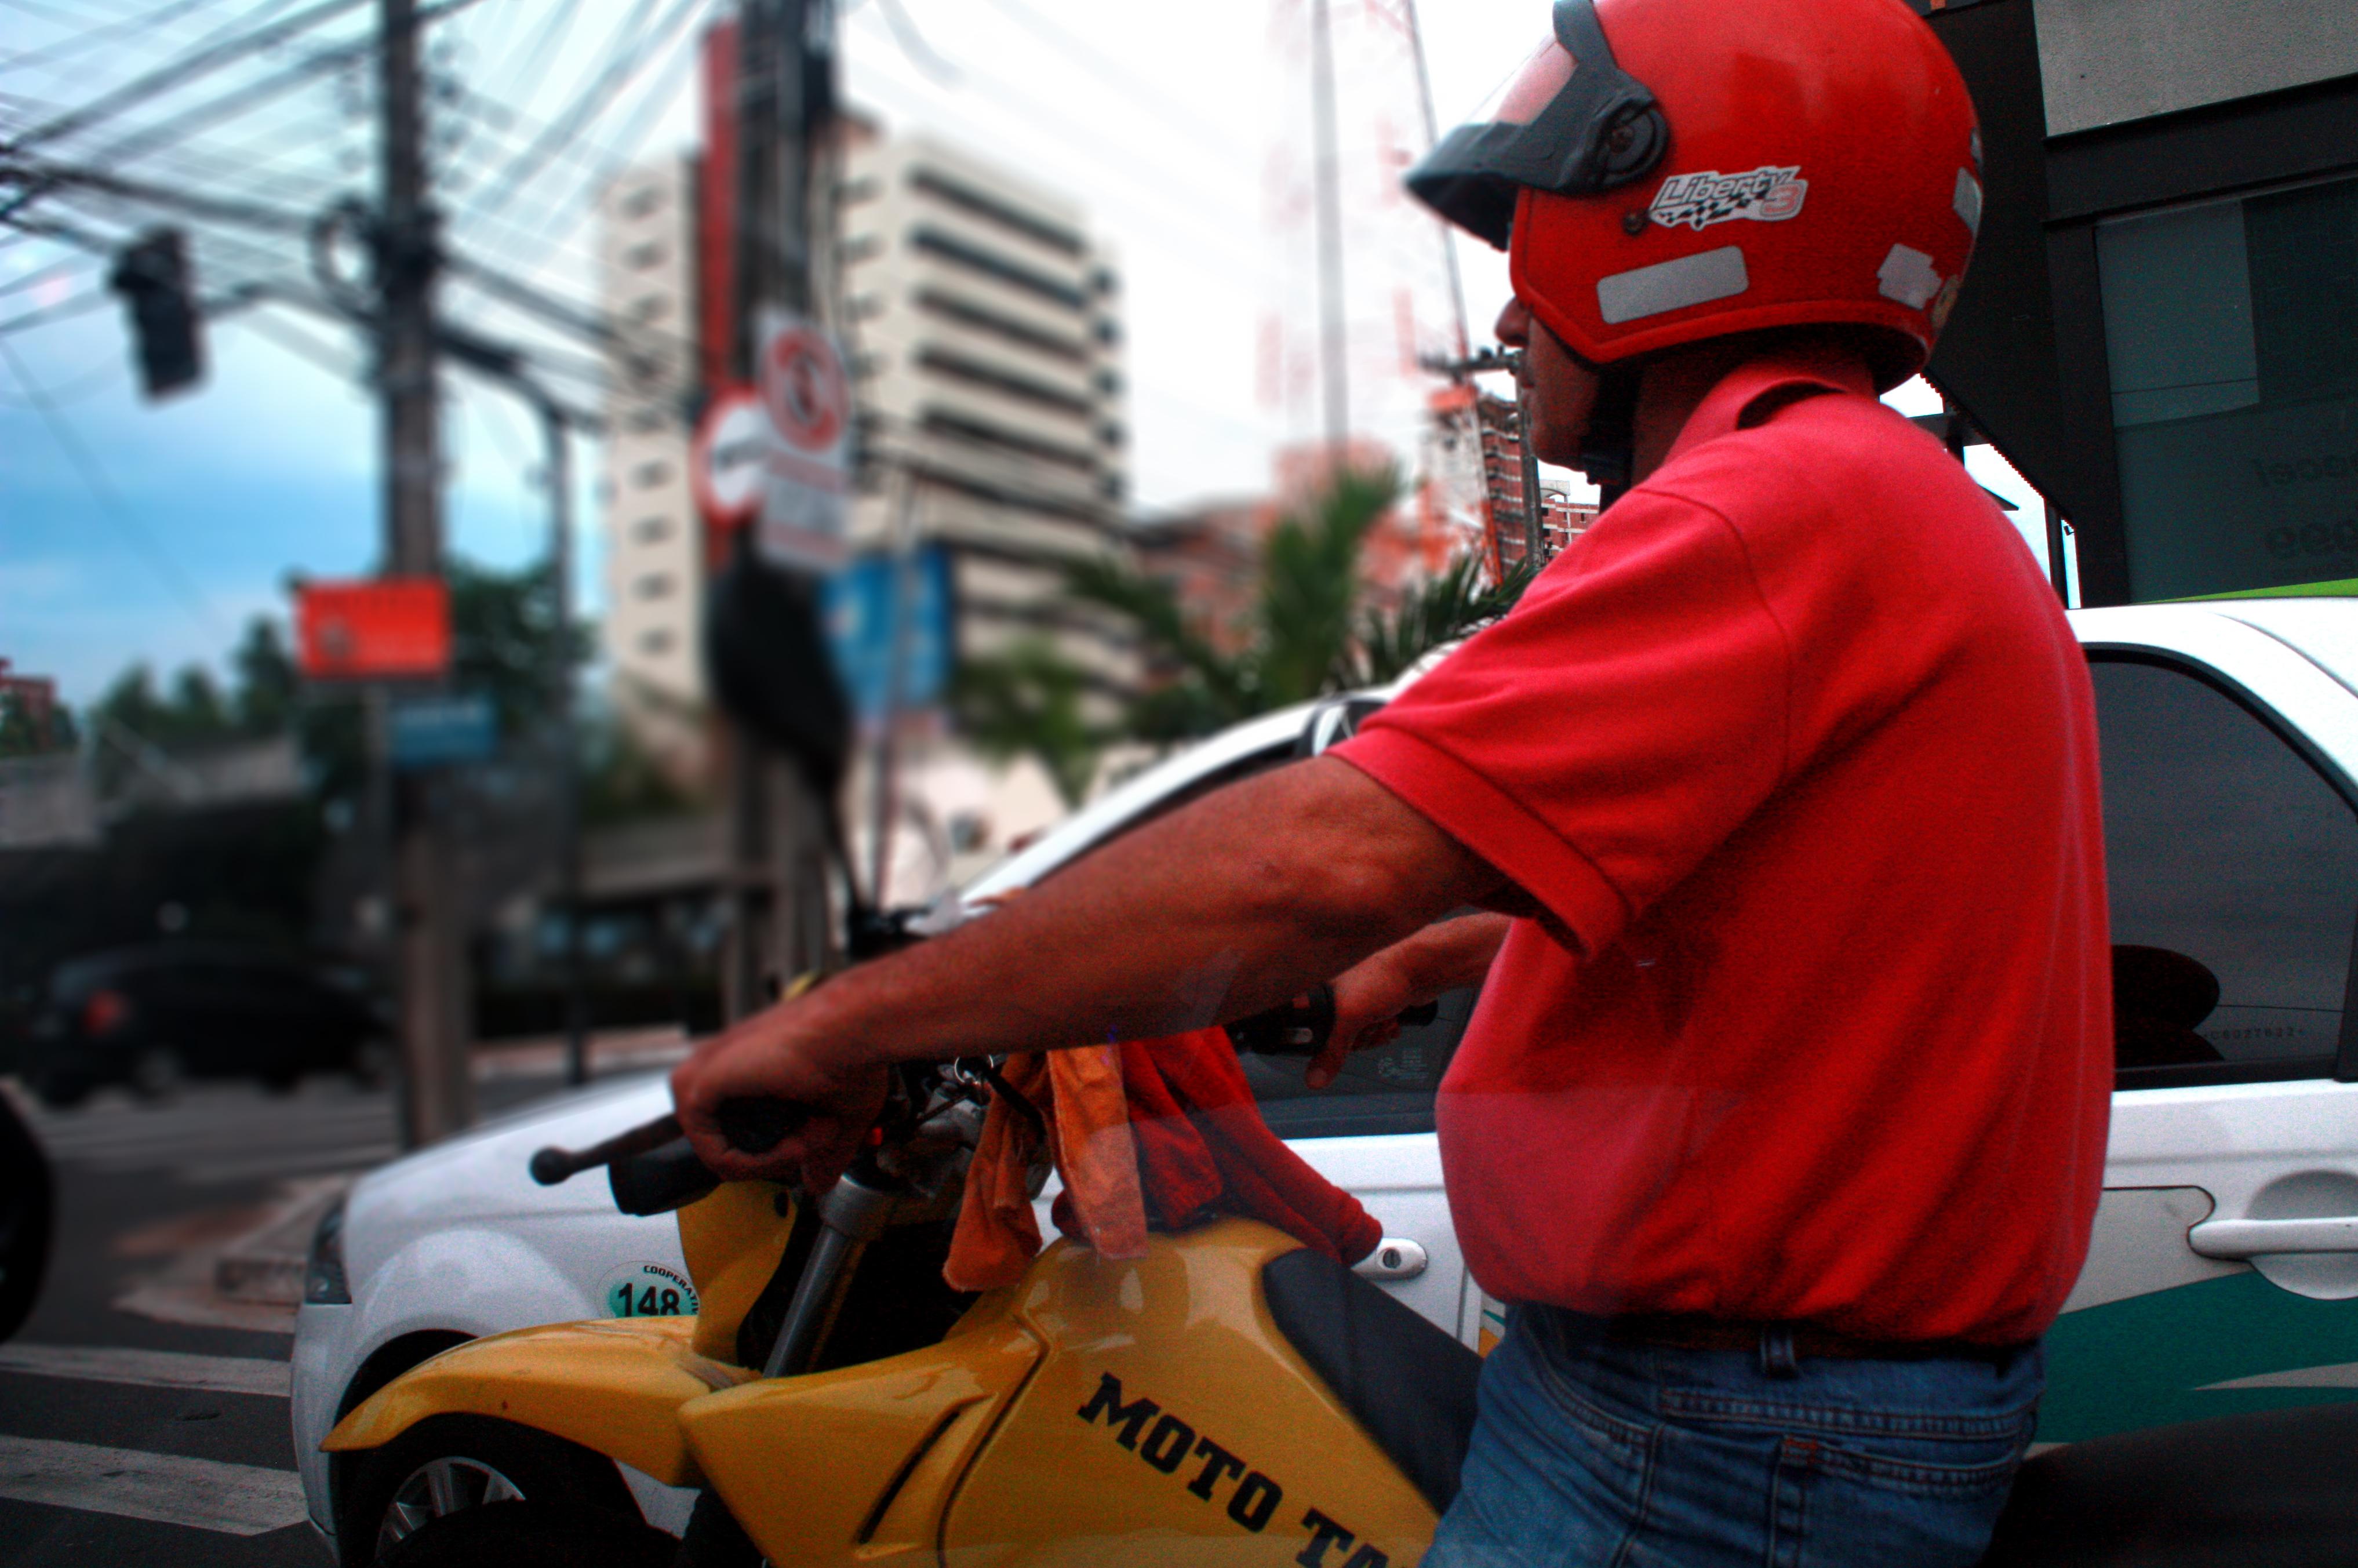 Vereador de Fortaleza propõe faixa exclusiva para motos para reduzir acidentes